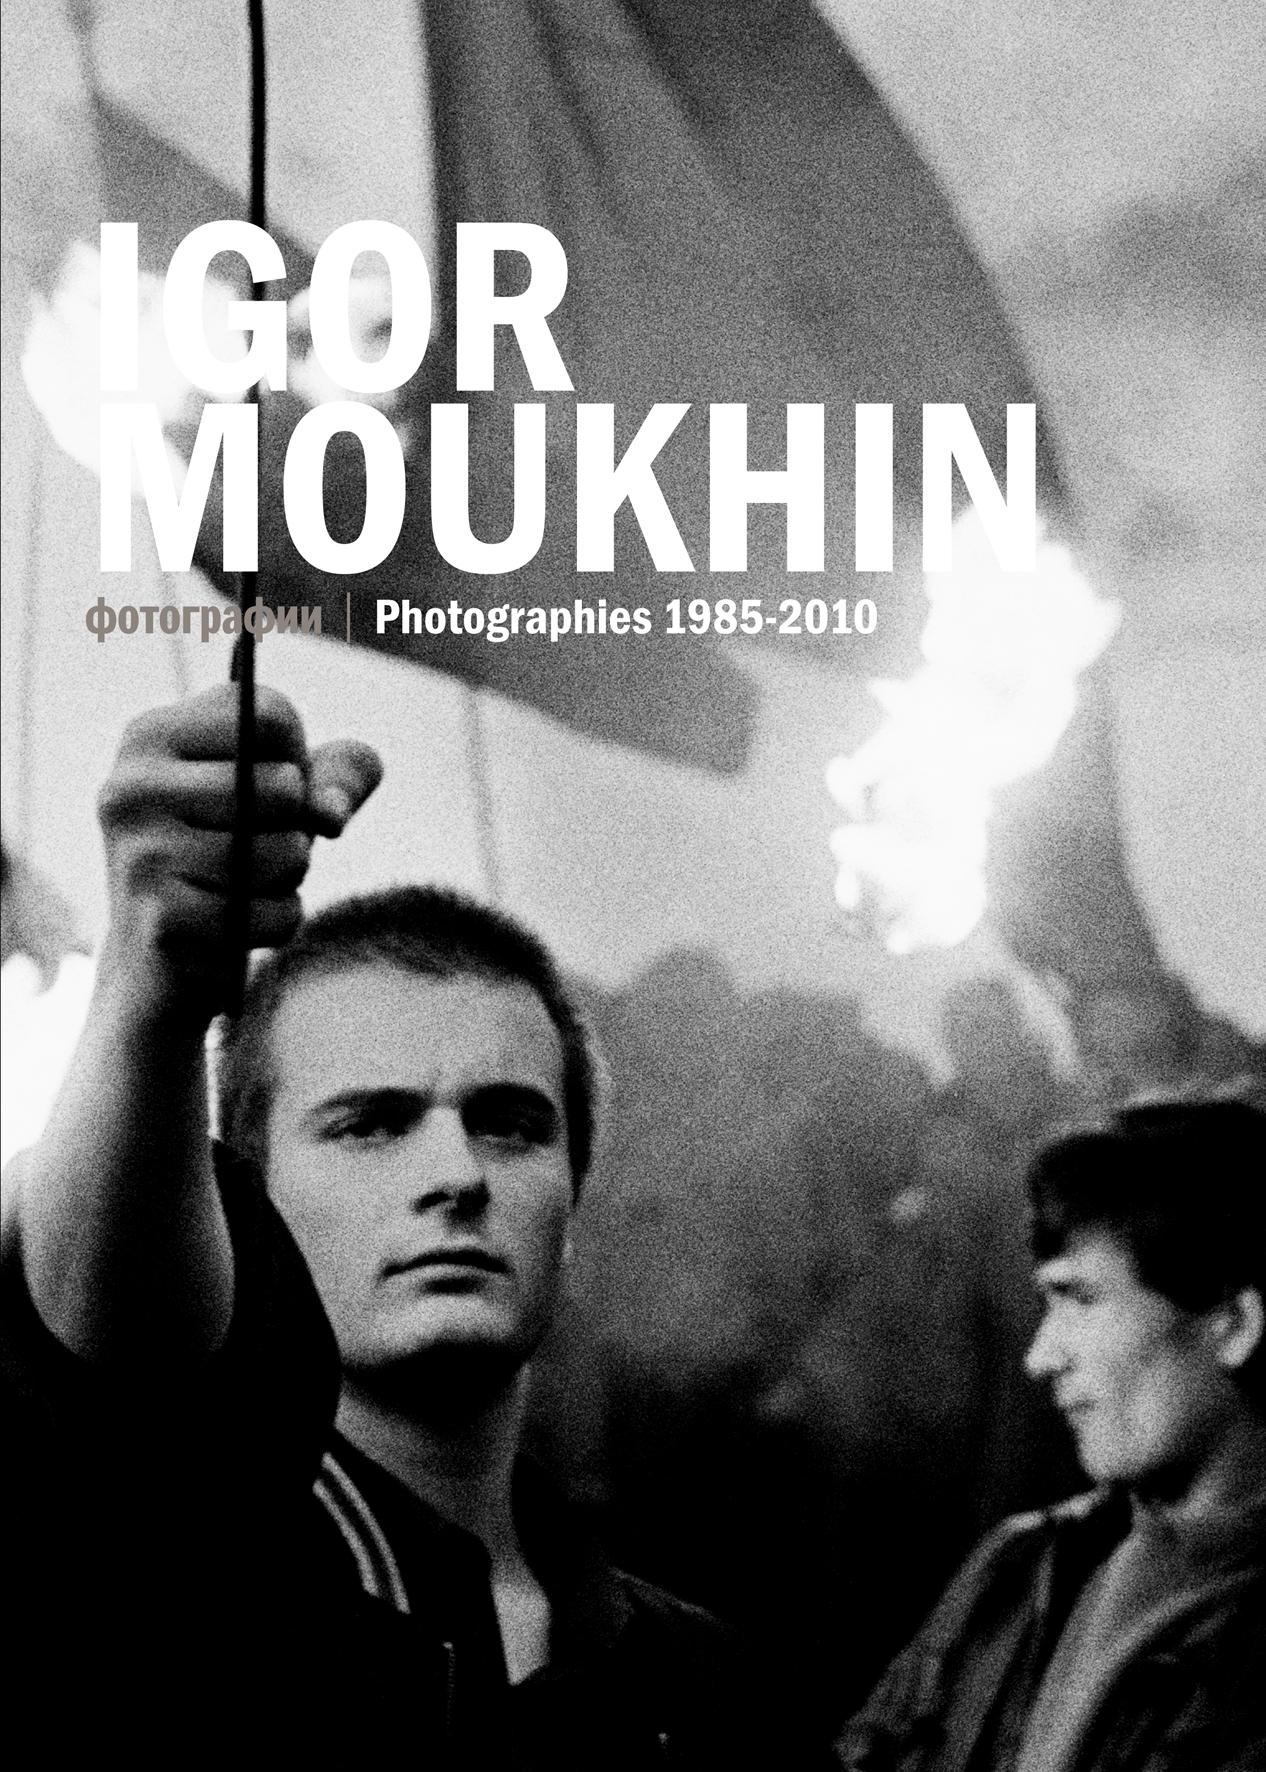 IGOR MOUKHIN